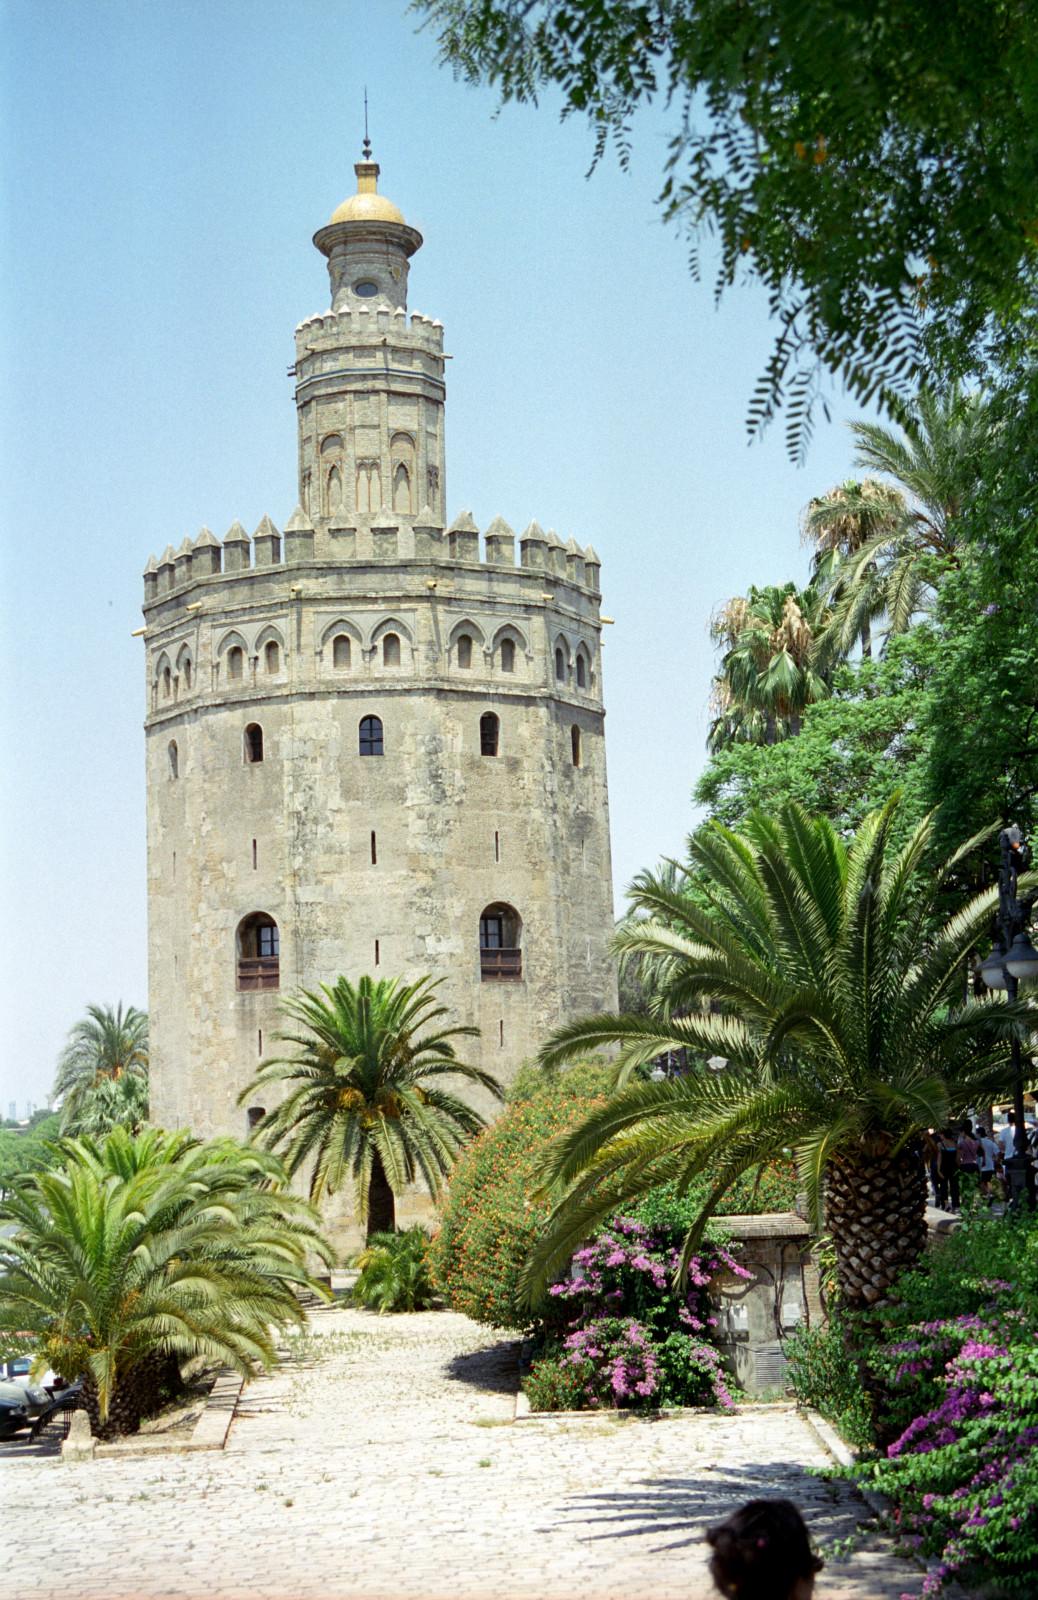 Torre de Oro